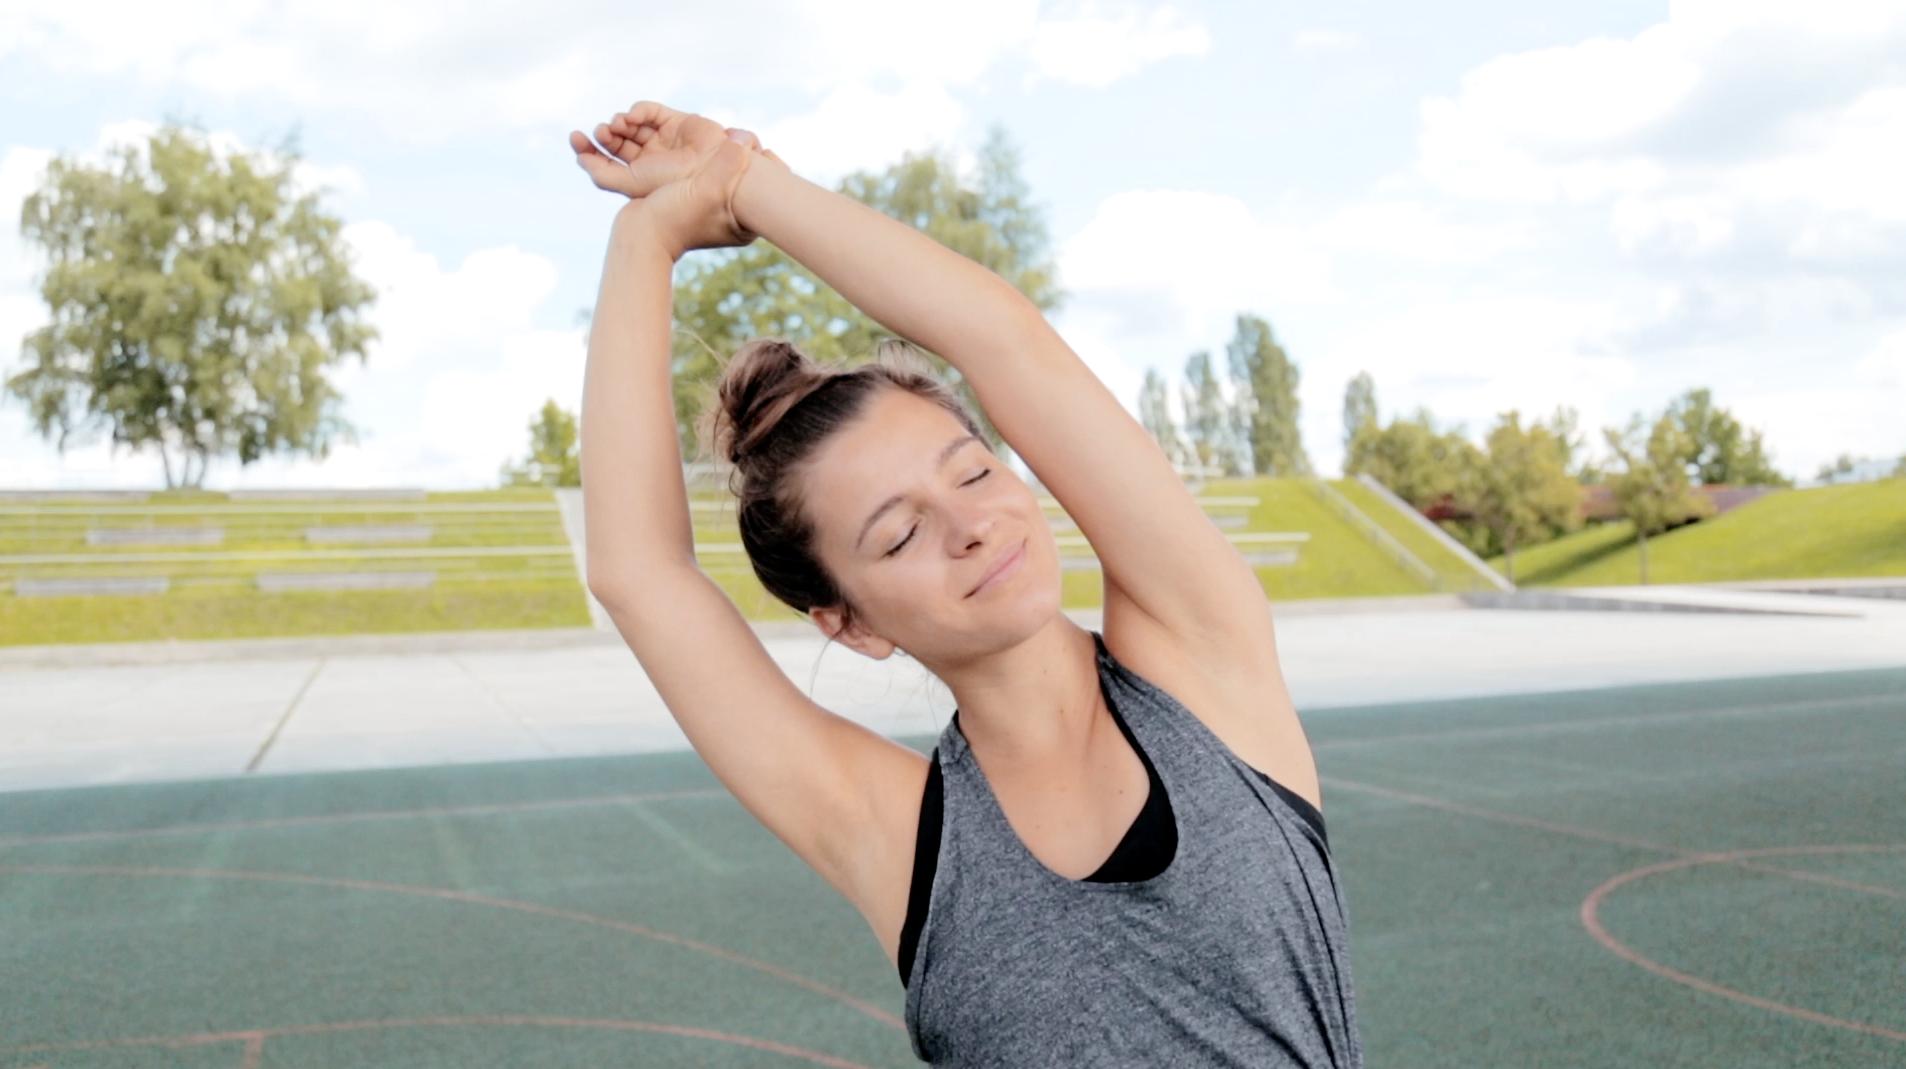 Mady-Morrison-yoga-Warrior-Flow-00003